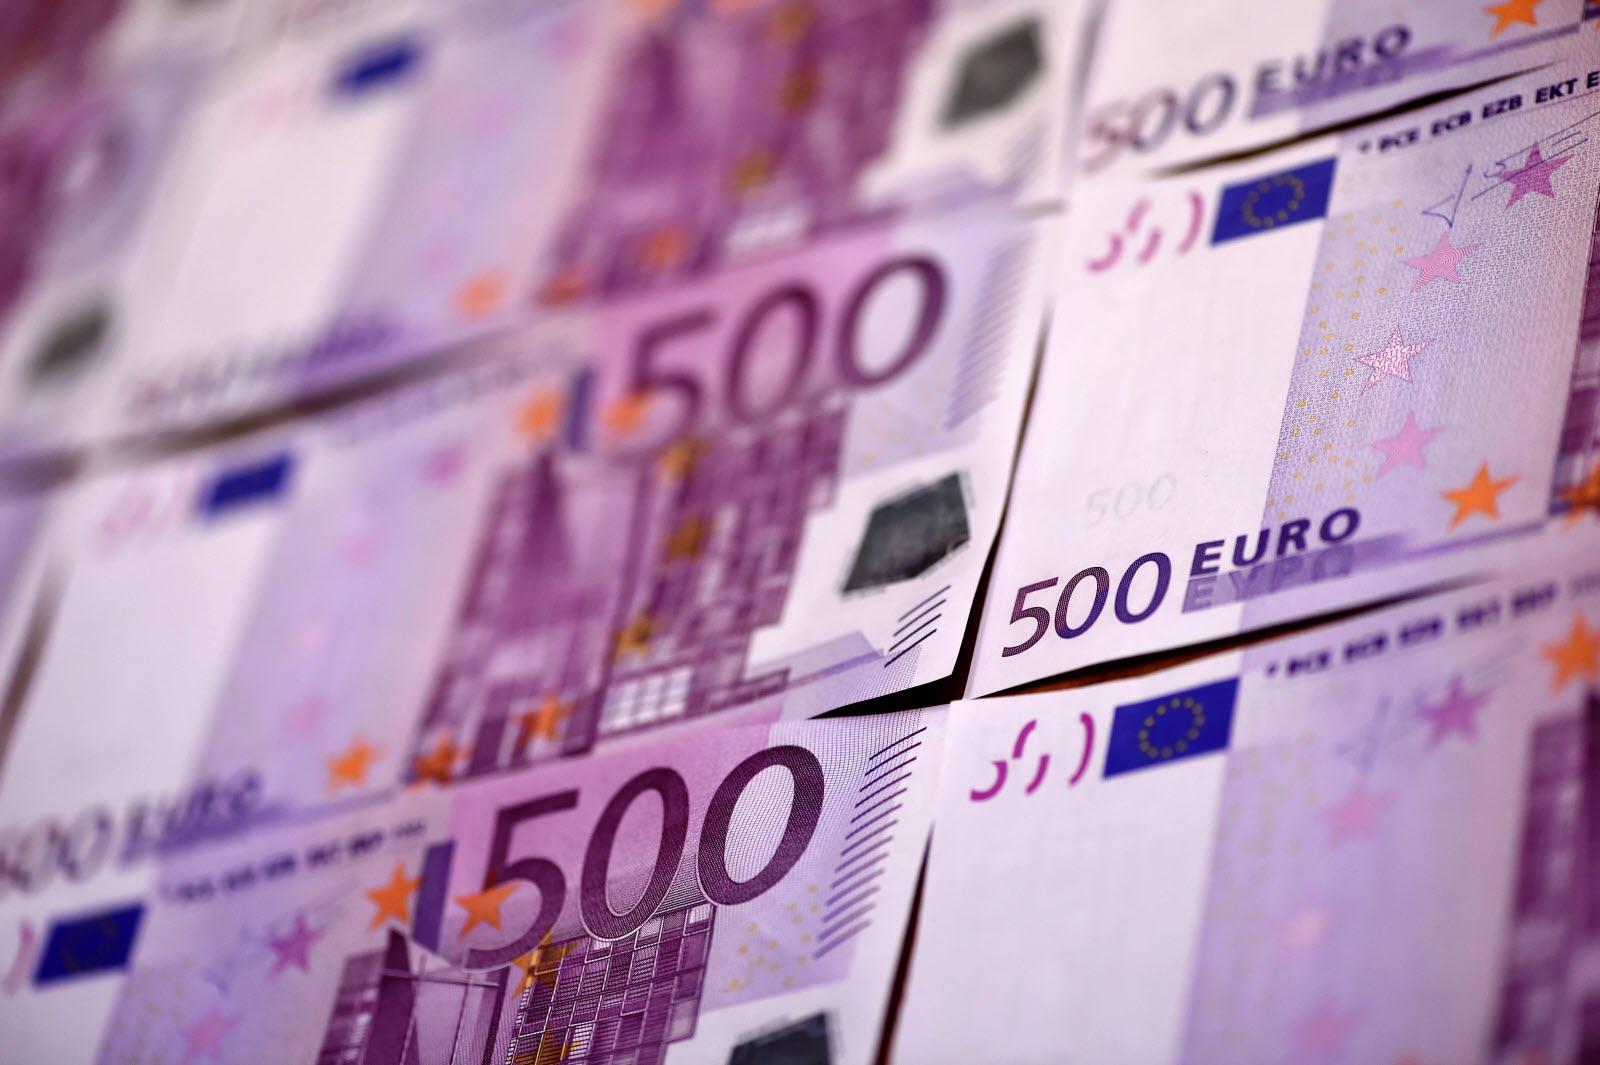 France-Monde | Les Billets De 500 Euros Vont Disparaître En 2019 intérieur Billet De 100 Euros À Imprimer